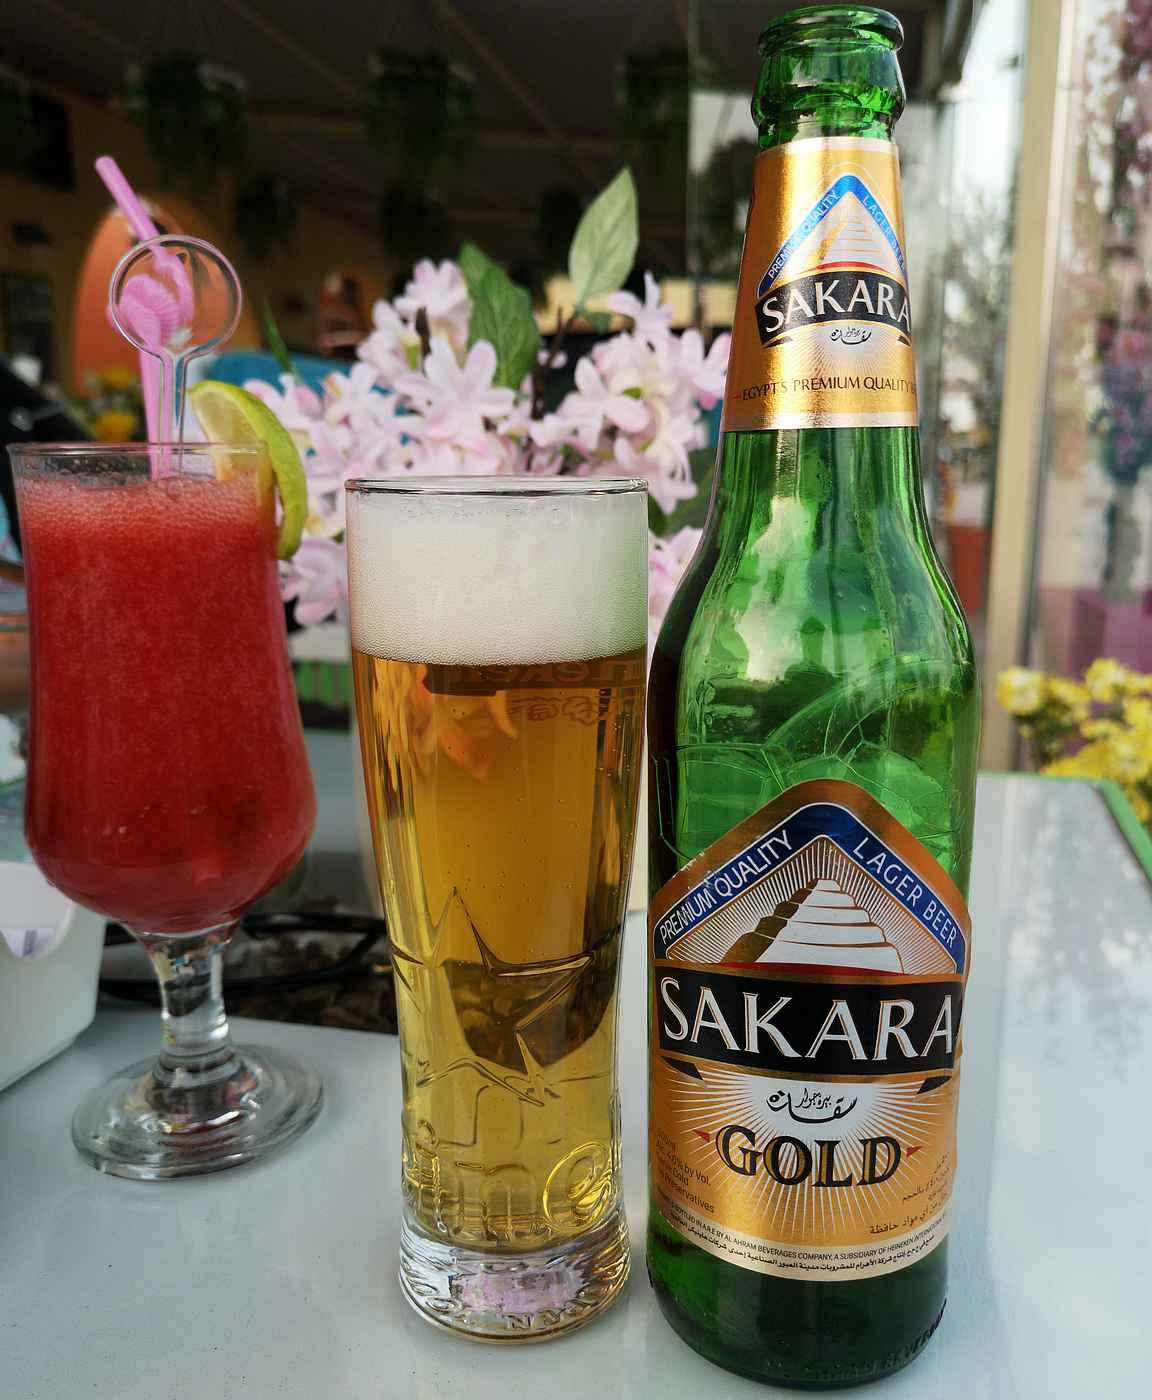 Mikäli juot olutta, suosi pullo-oluita. Drinkeissä kannattaa suosia kansainvälisiä merkkejä, jotka ovat All-Inclusice hotelleissa usein maksullisia.